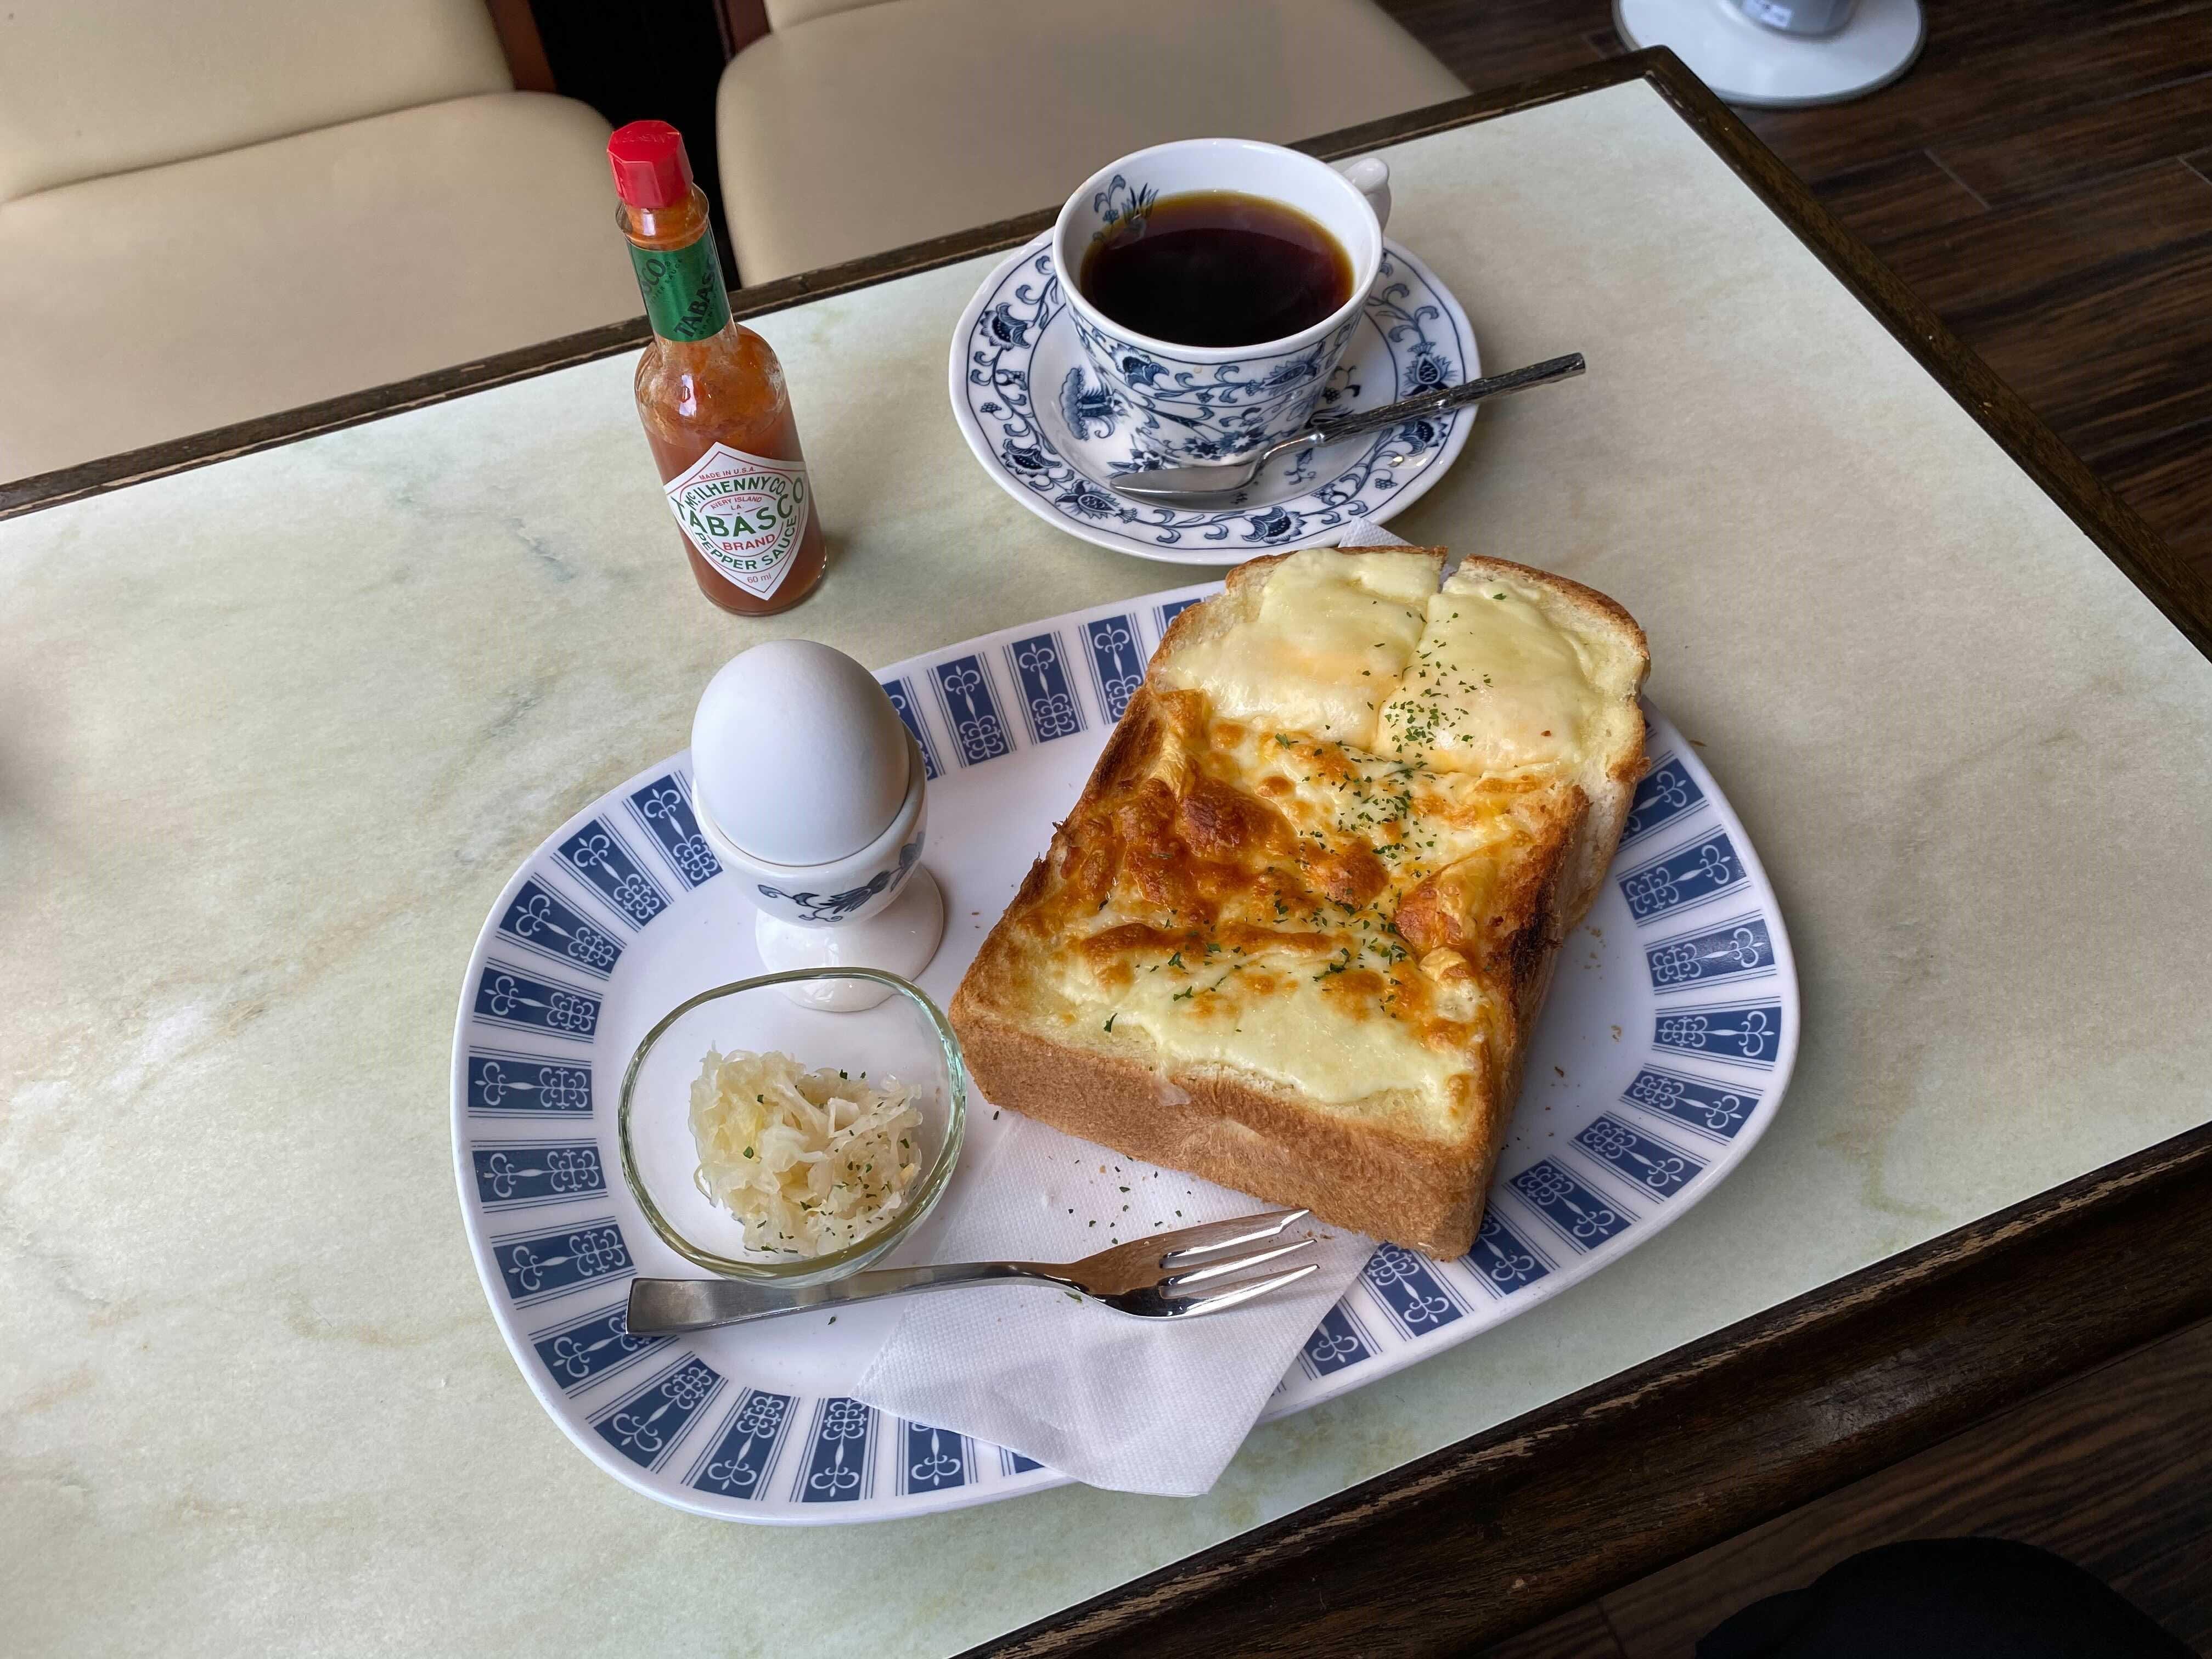 マスター自慢のフルーツコンフィチュールを味わって。「コーヒーハウスかこ花車本店」で過ごす休日。 - 8573e8996cd2d1d57663c8b10ed9a8a2